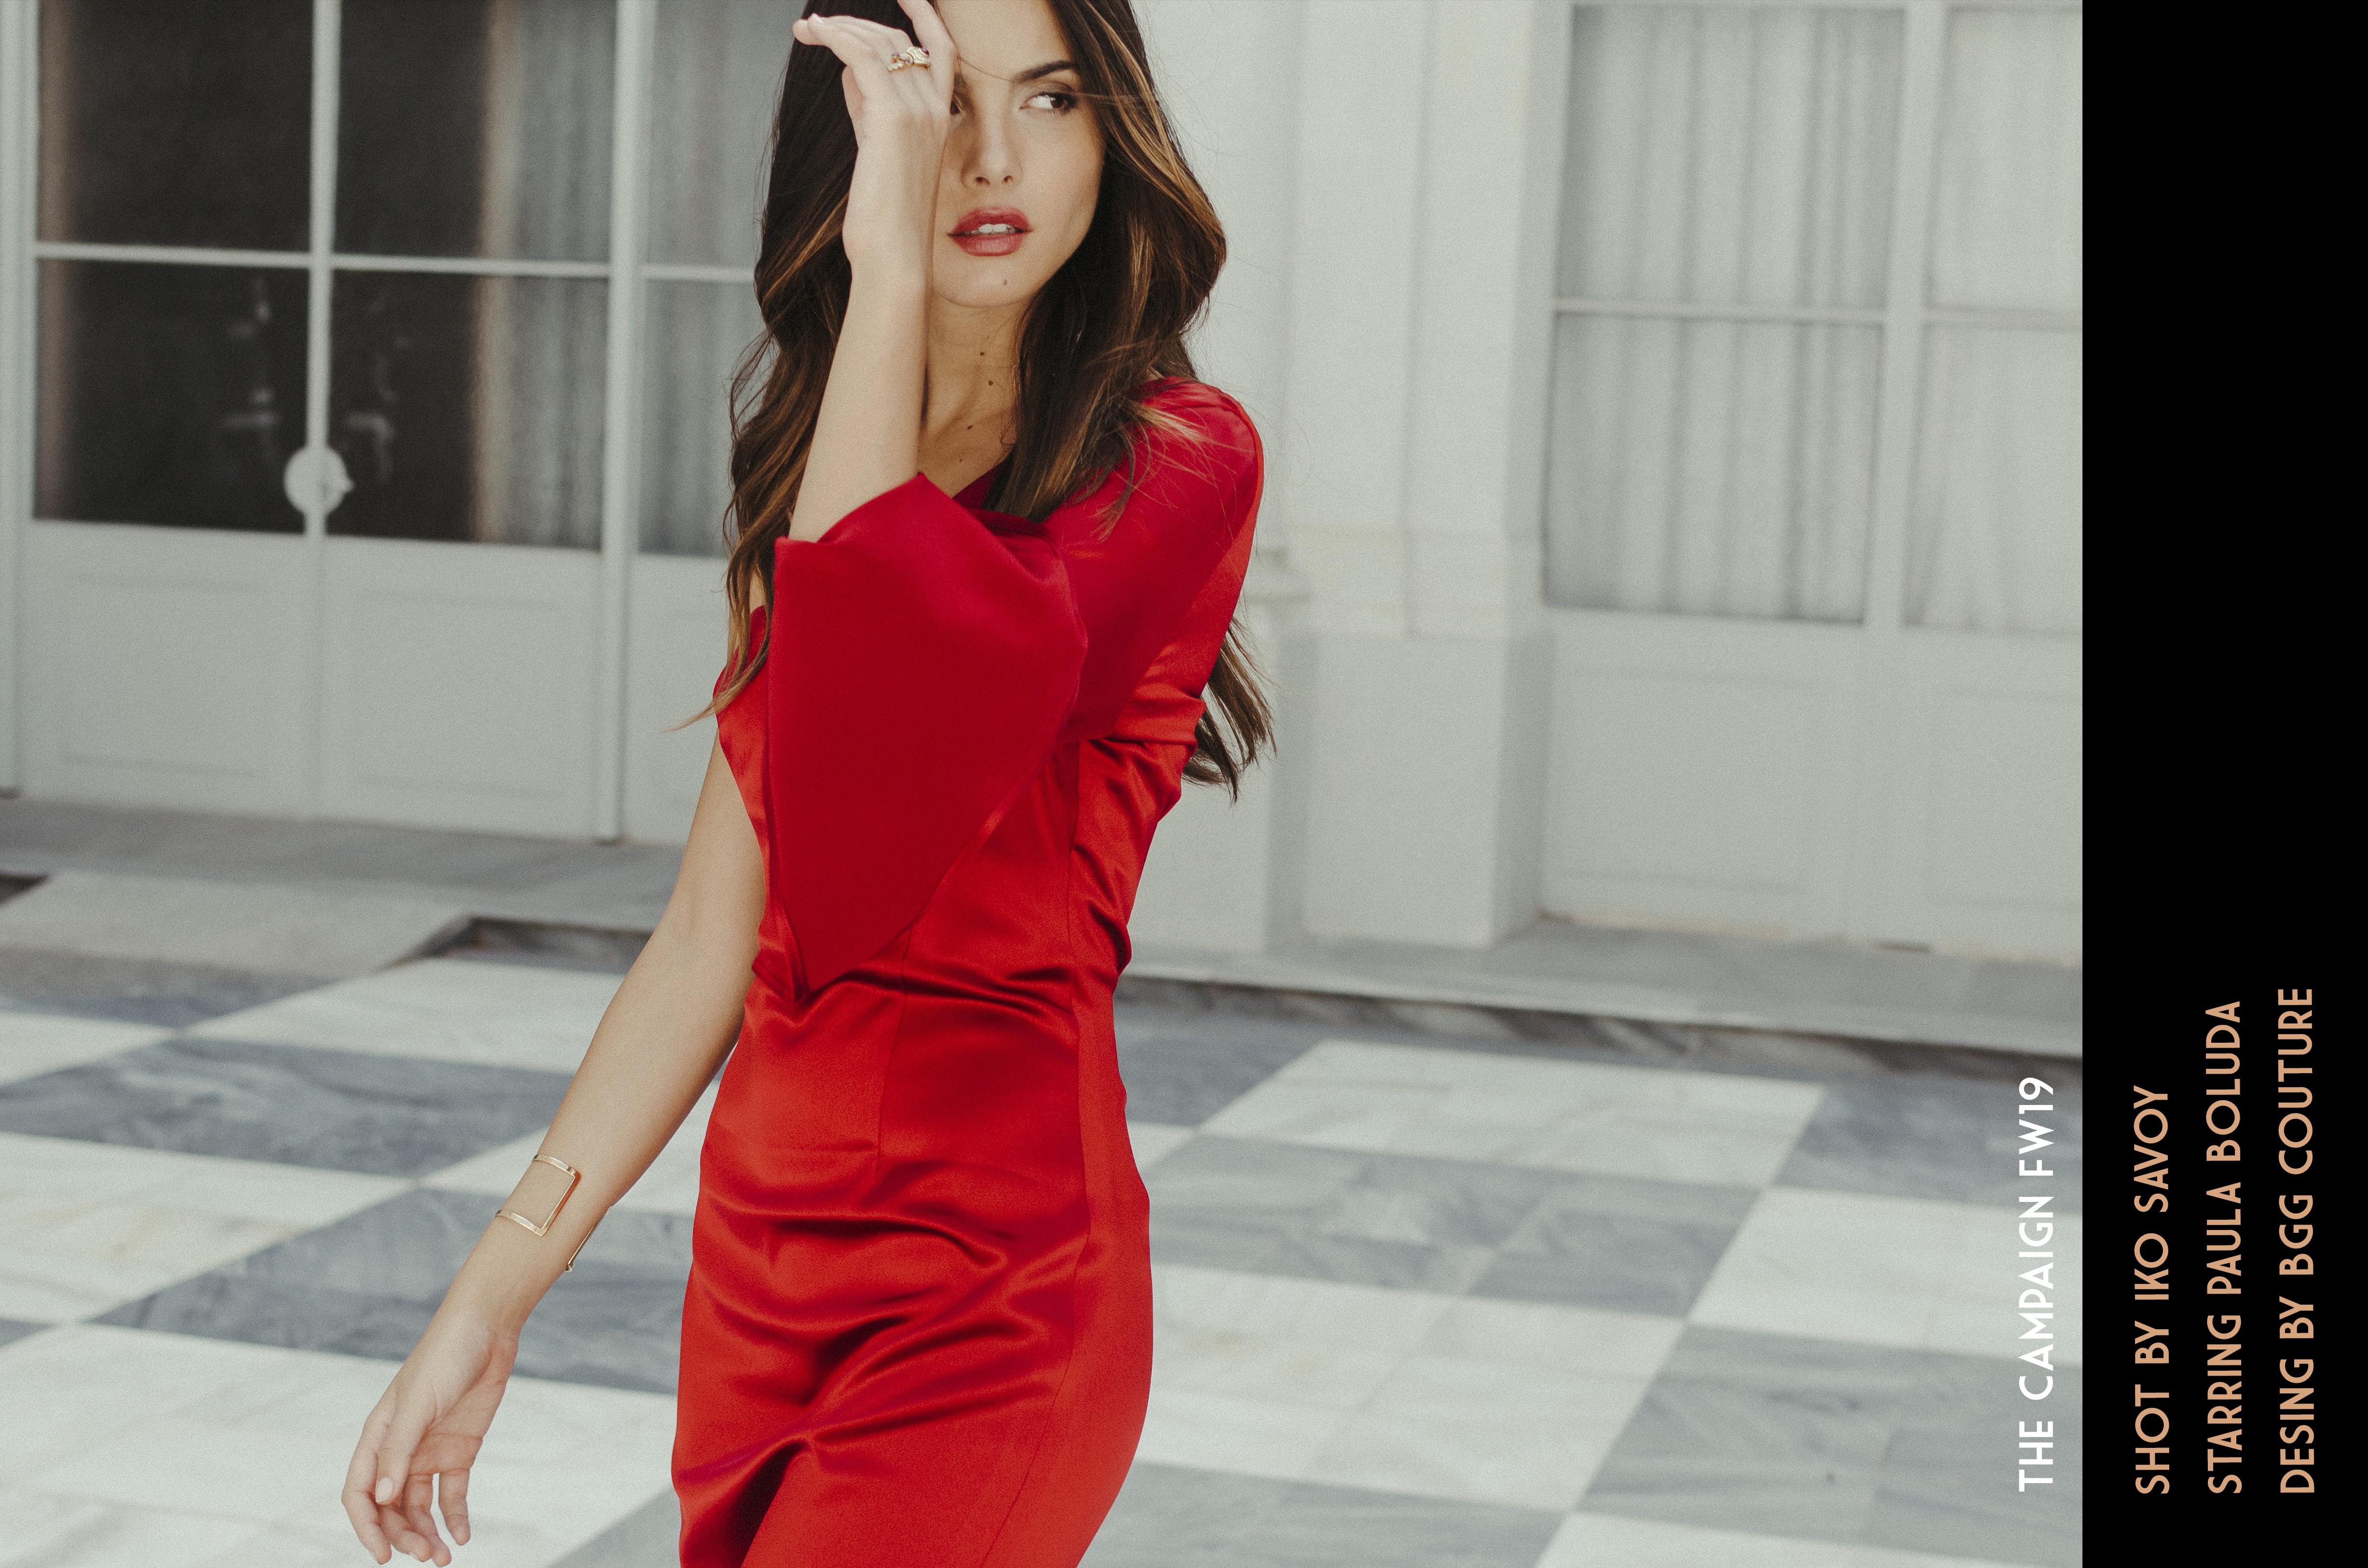 Otoño Invierno 2019 BGG Couture